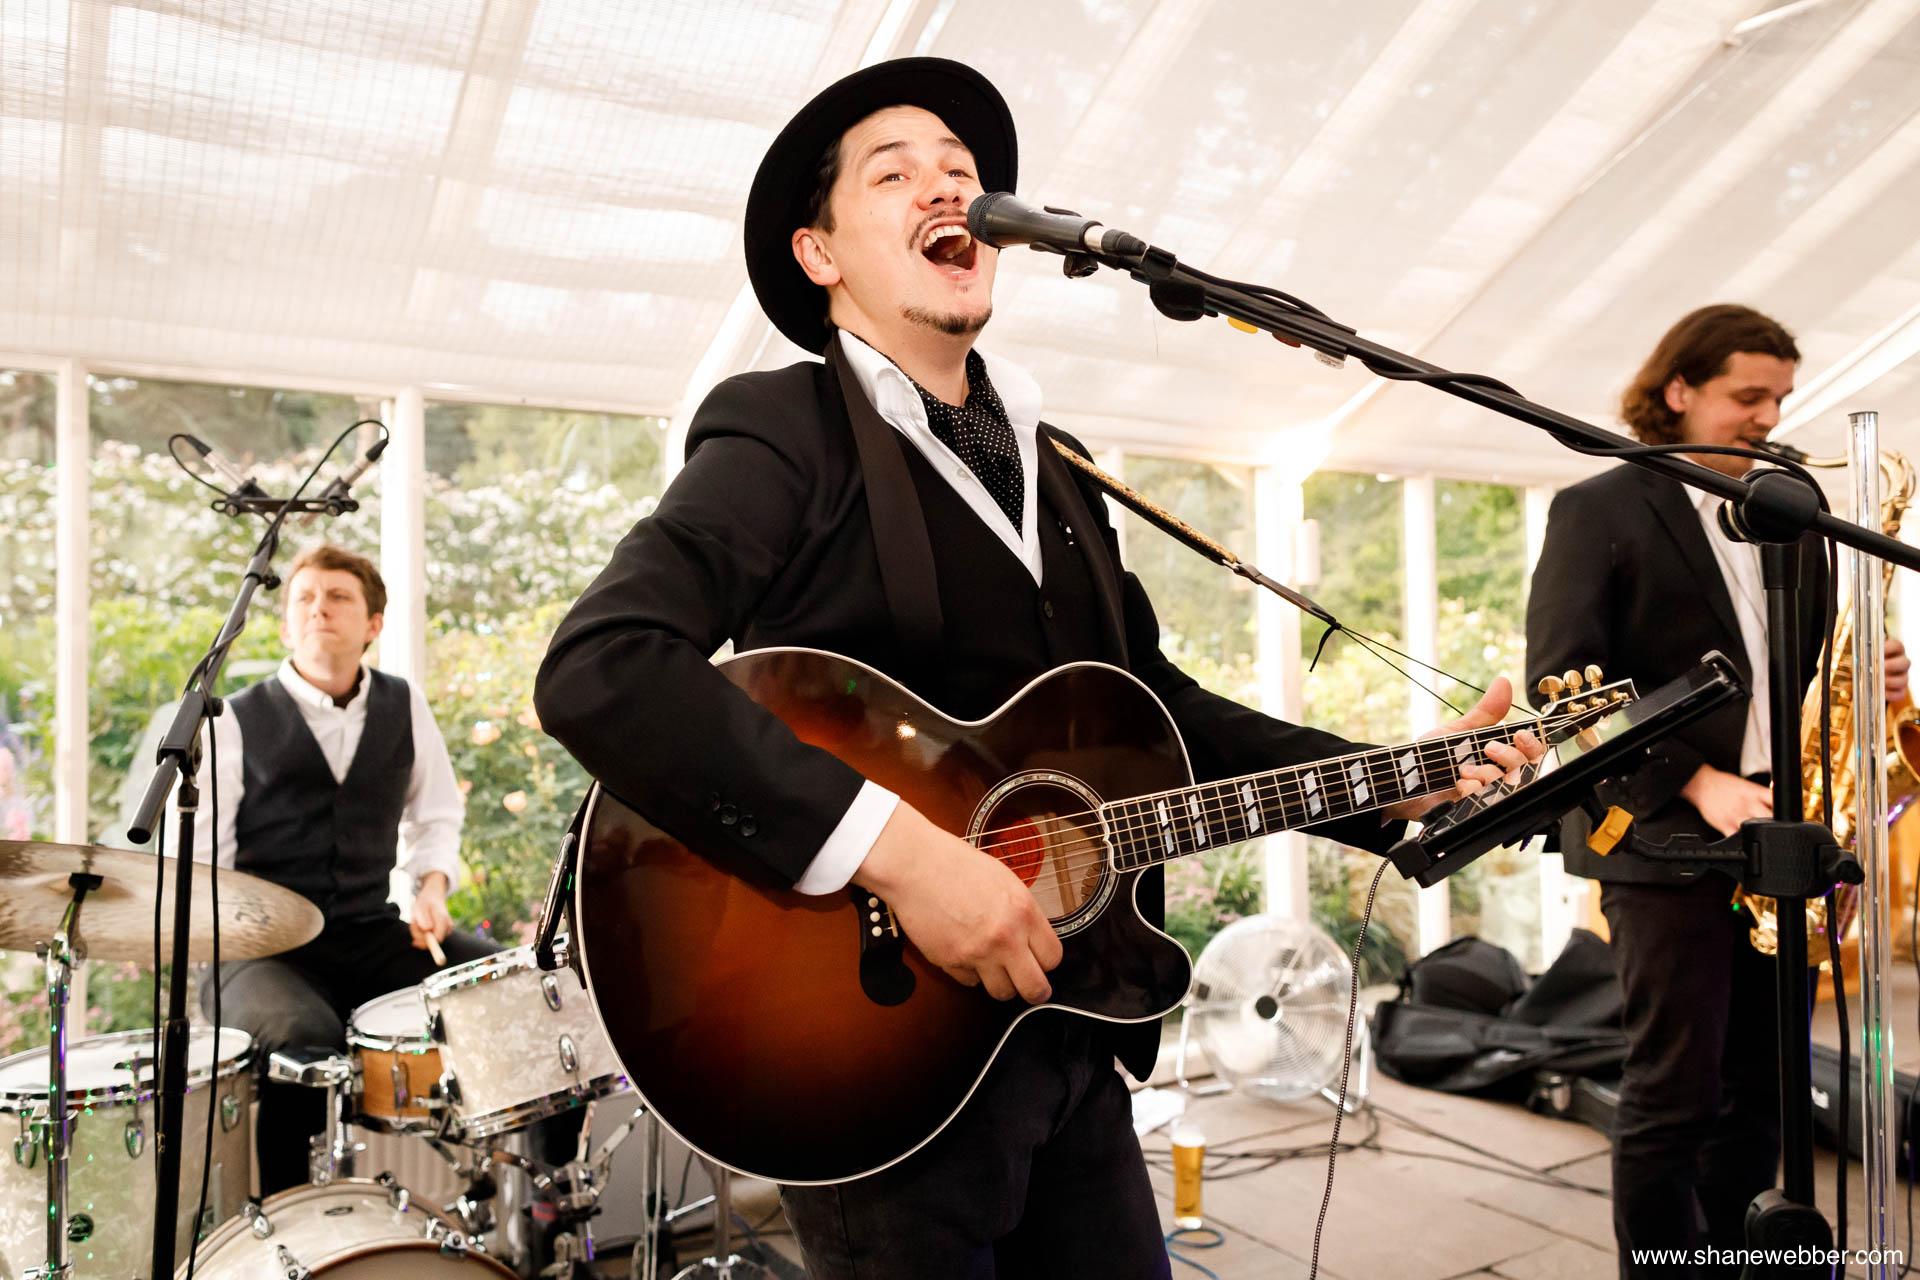 wedding band entertrainement